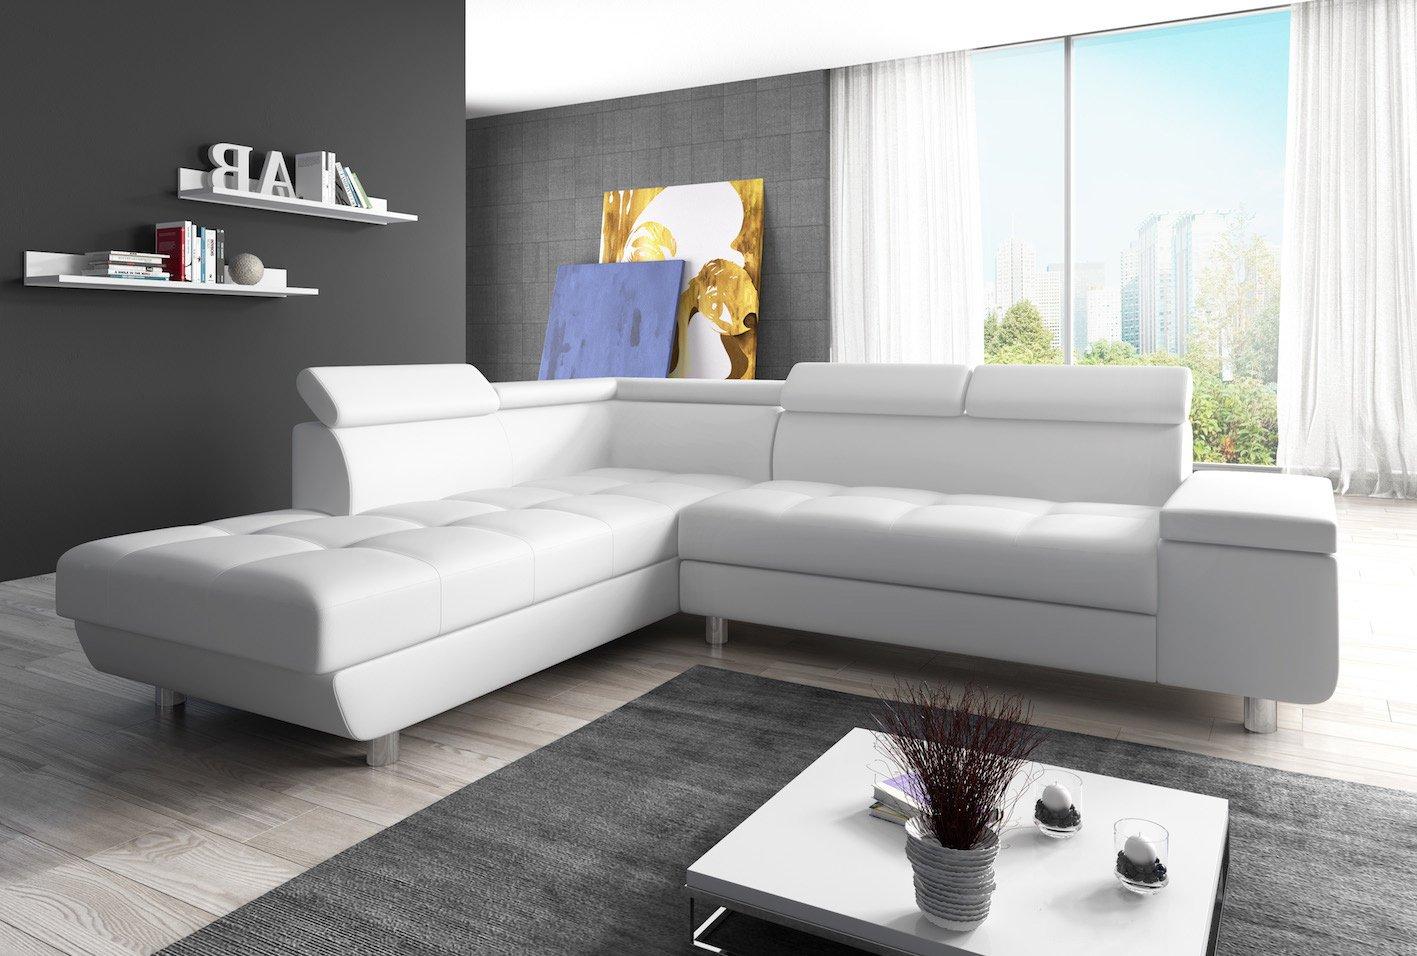 Sofa Couchgarnitur Couch Sofagarnitur Reeno Ek 26 Polstergarnitur